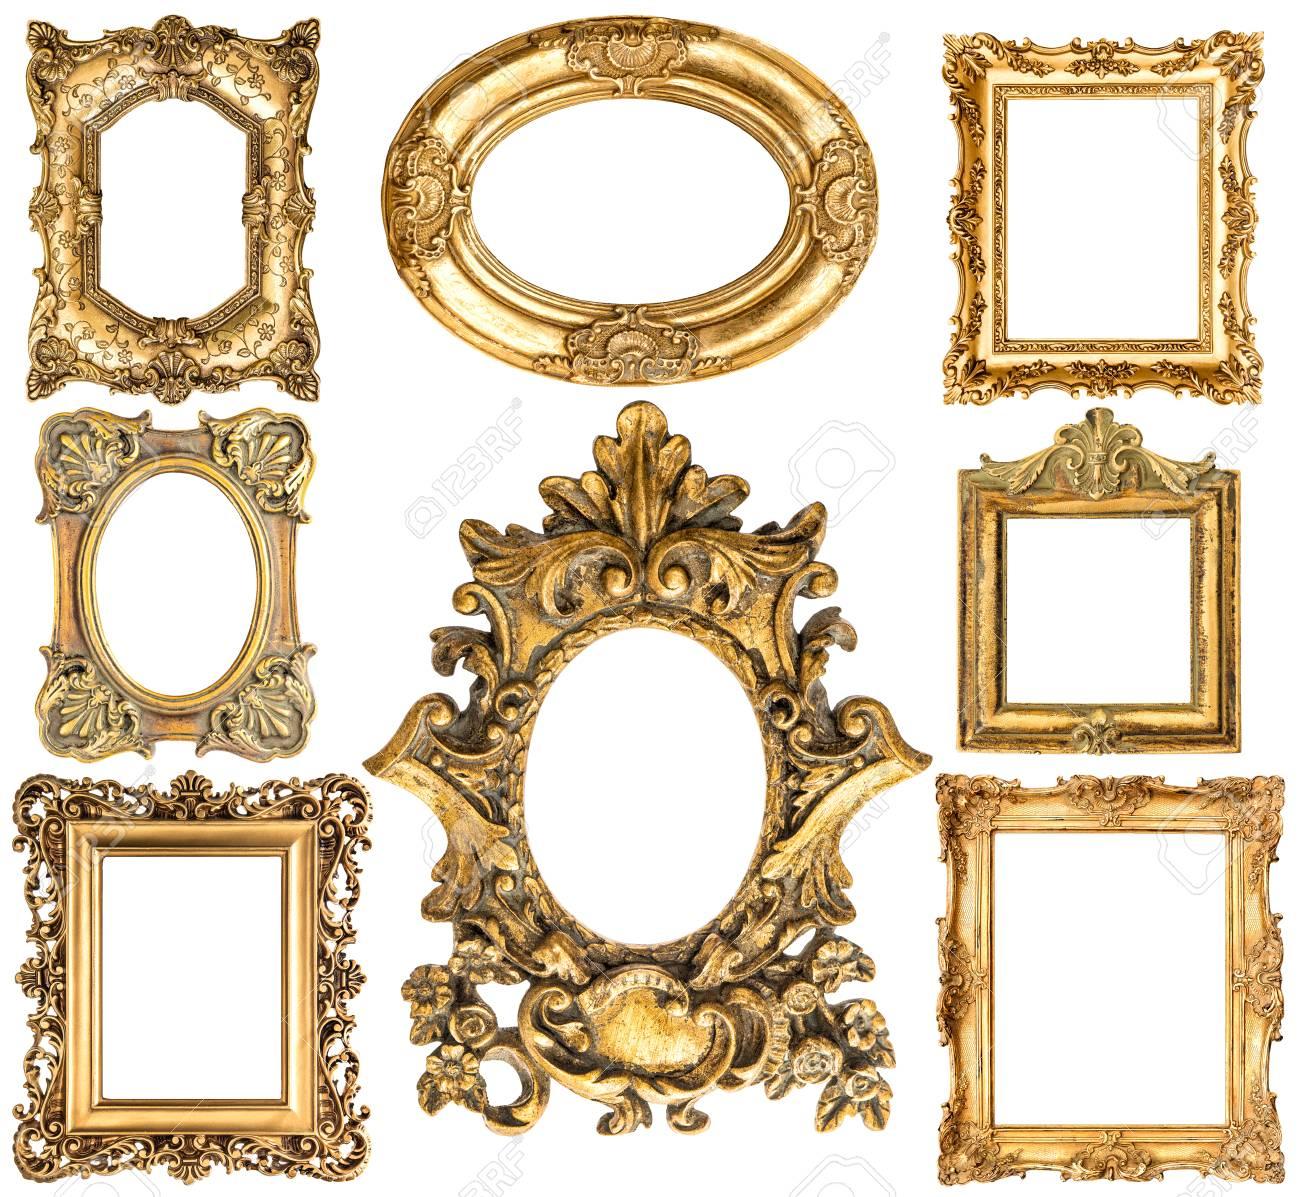 Goldene Rahmen Auf Weißem Hintergrund. Barock-Stil Antike Objekte ...